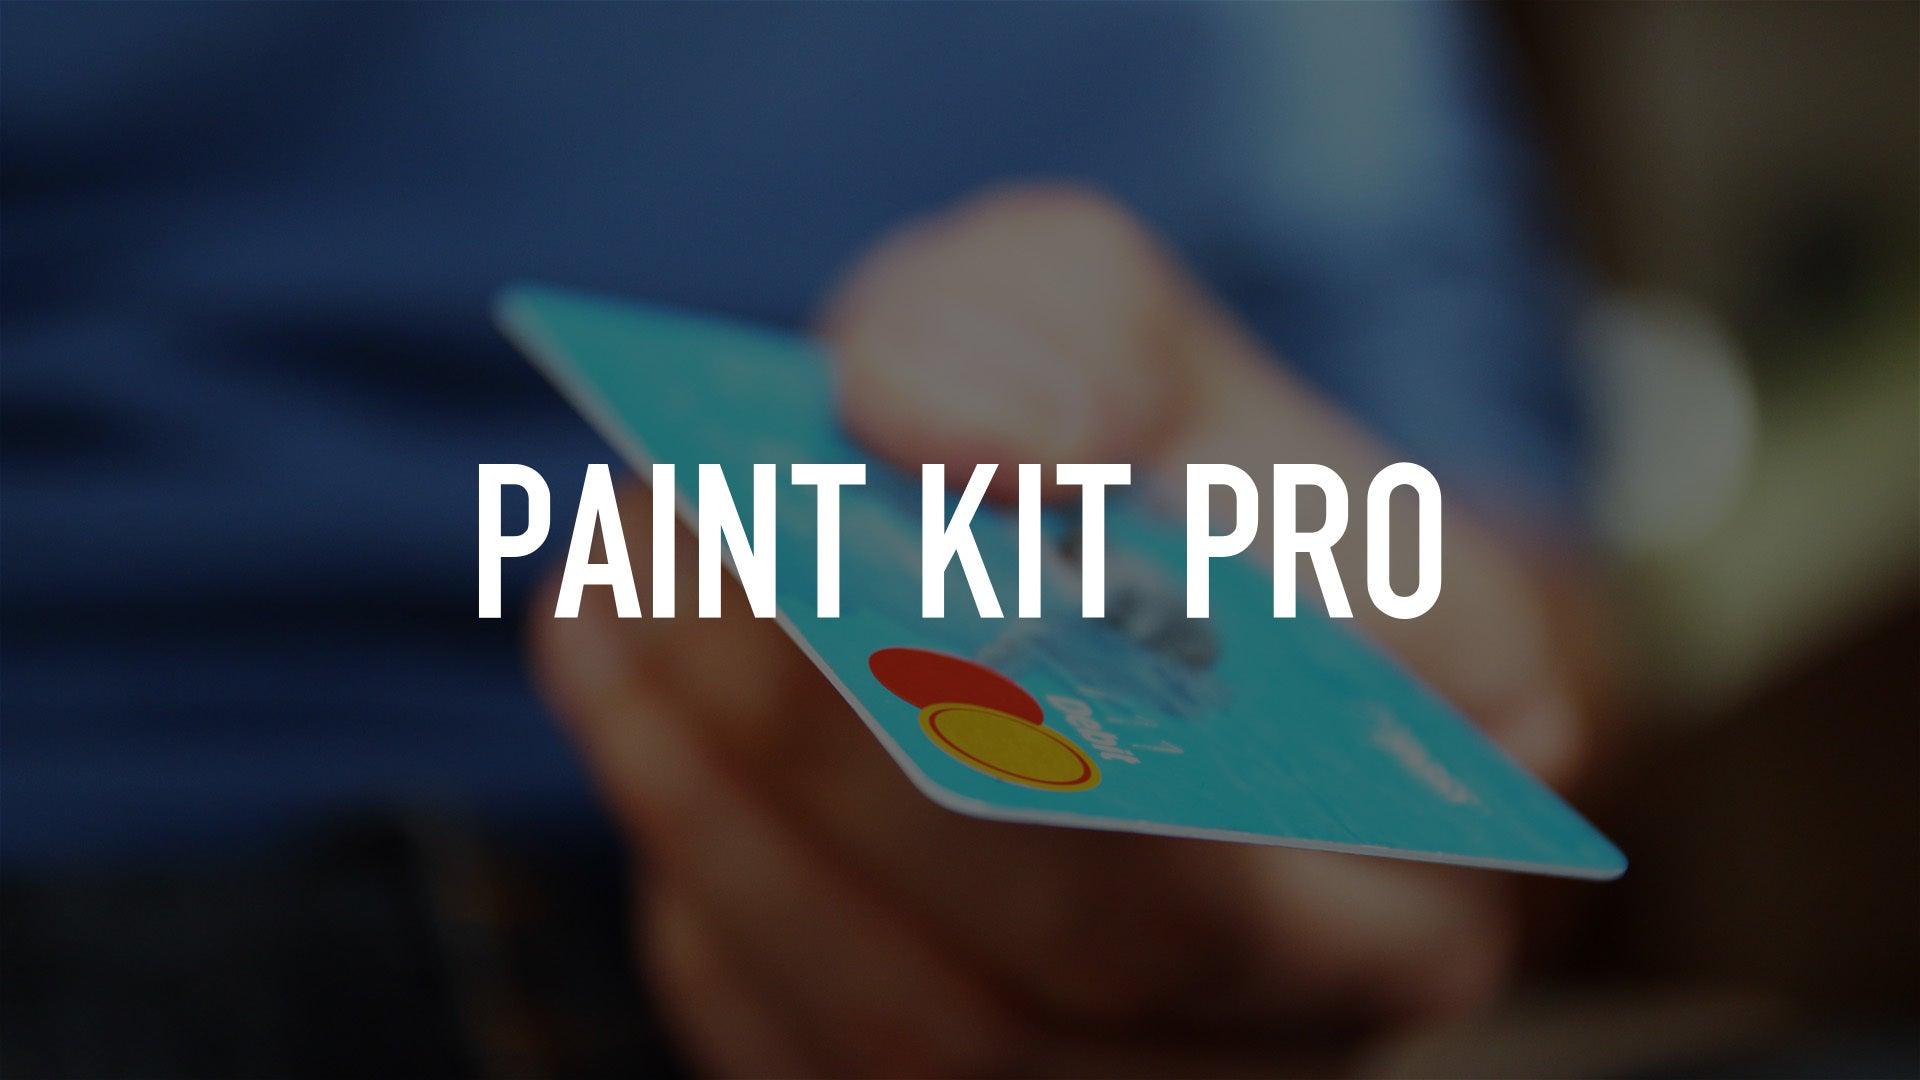 Paint Kit Pro